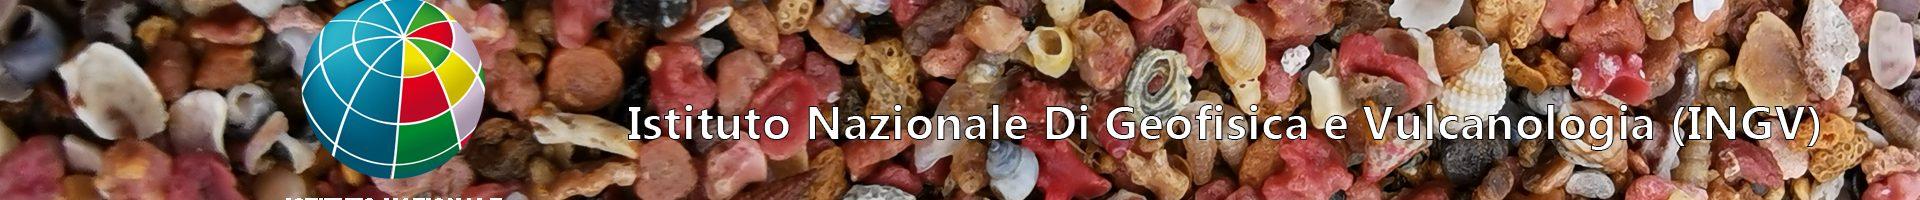 Partner 4: Istituto Nazionale di Geofisica e Vulcanologia (INGV)con la Sezione di Palermo